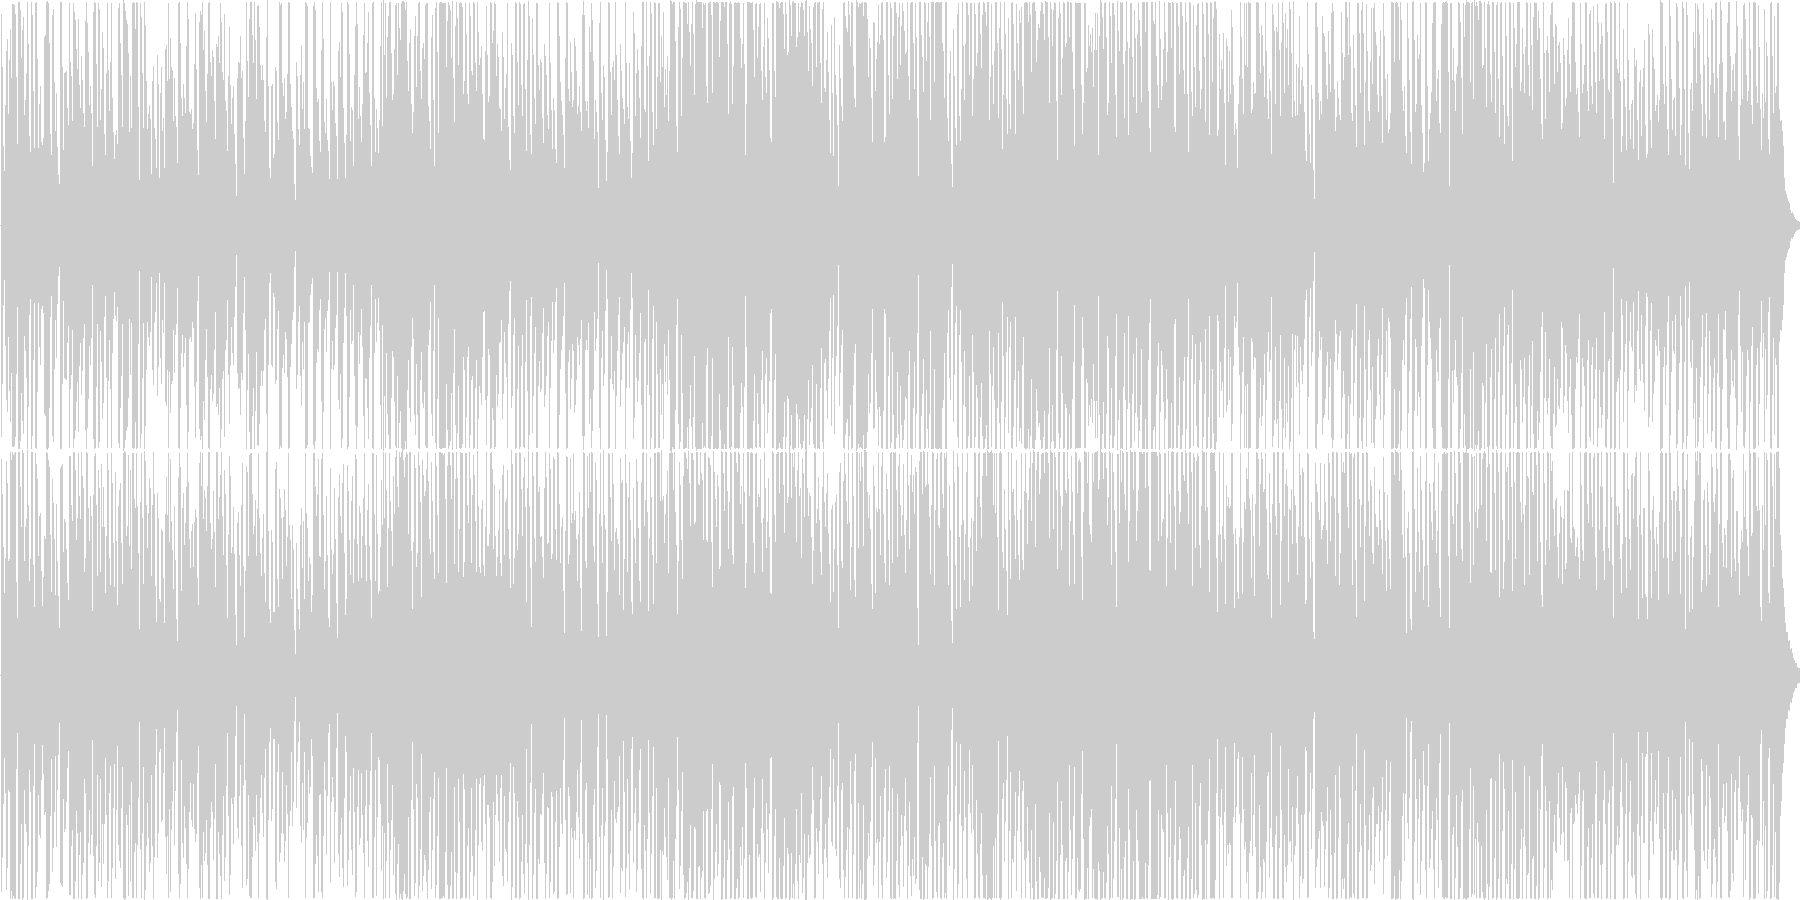 ちょっと怪しいジャズの未再生の波形